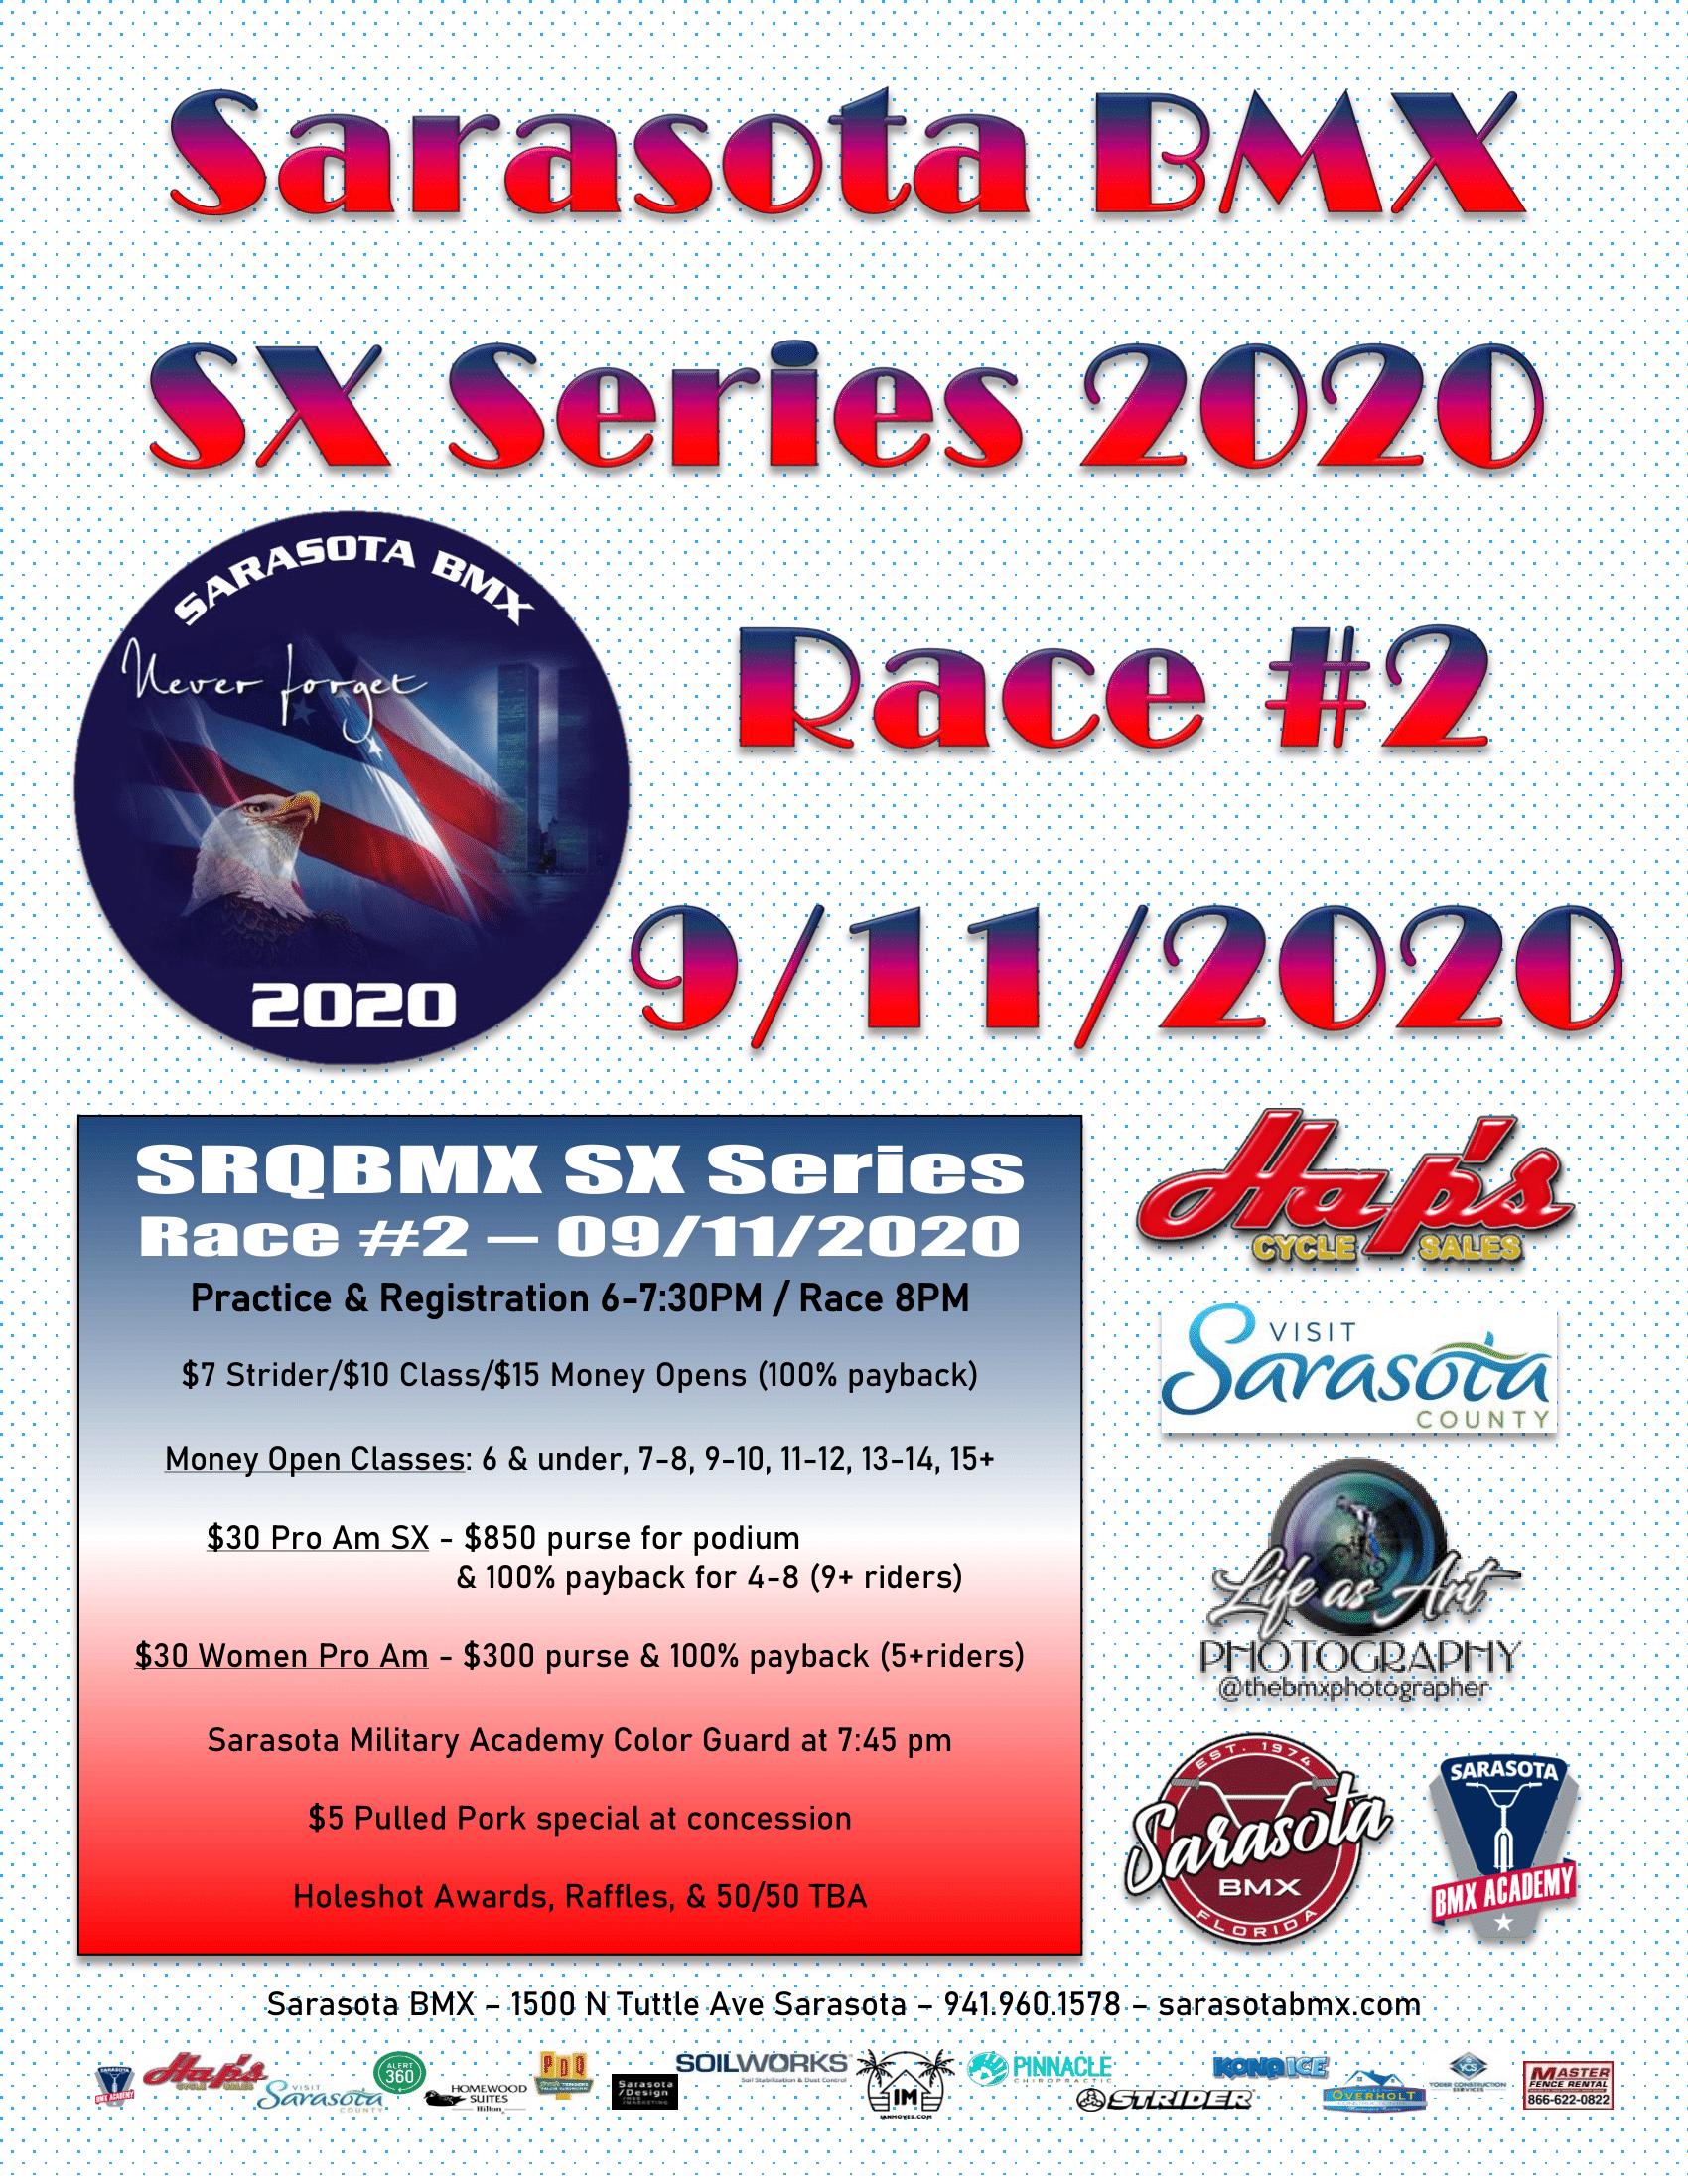 Sarasota BMX 2020 SX Series Race #2